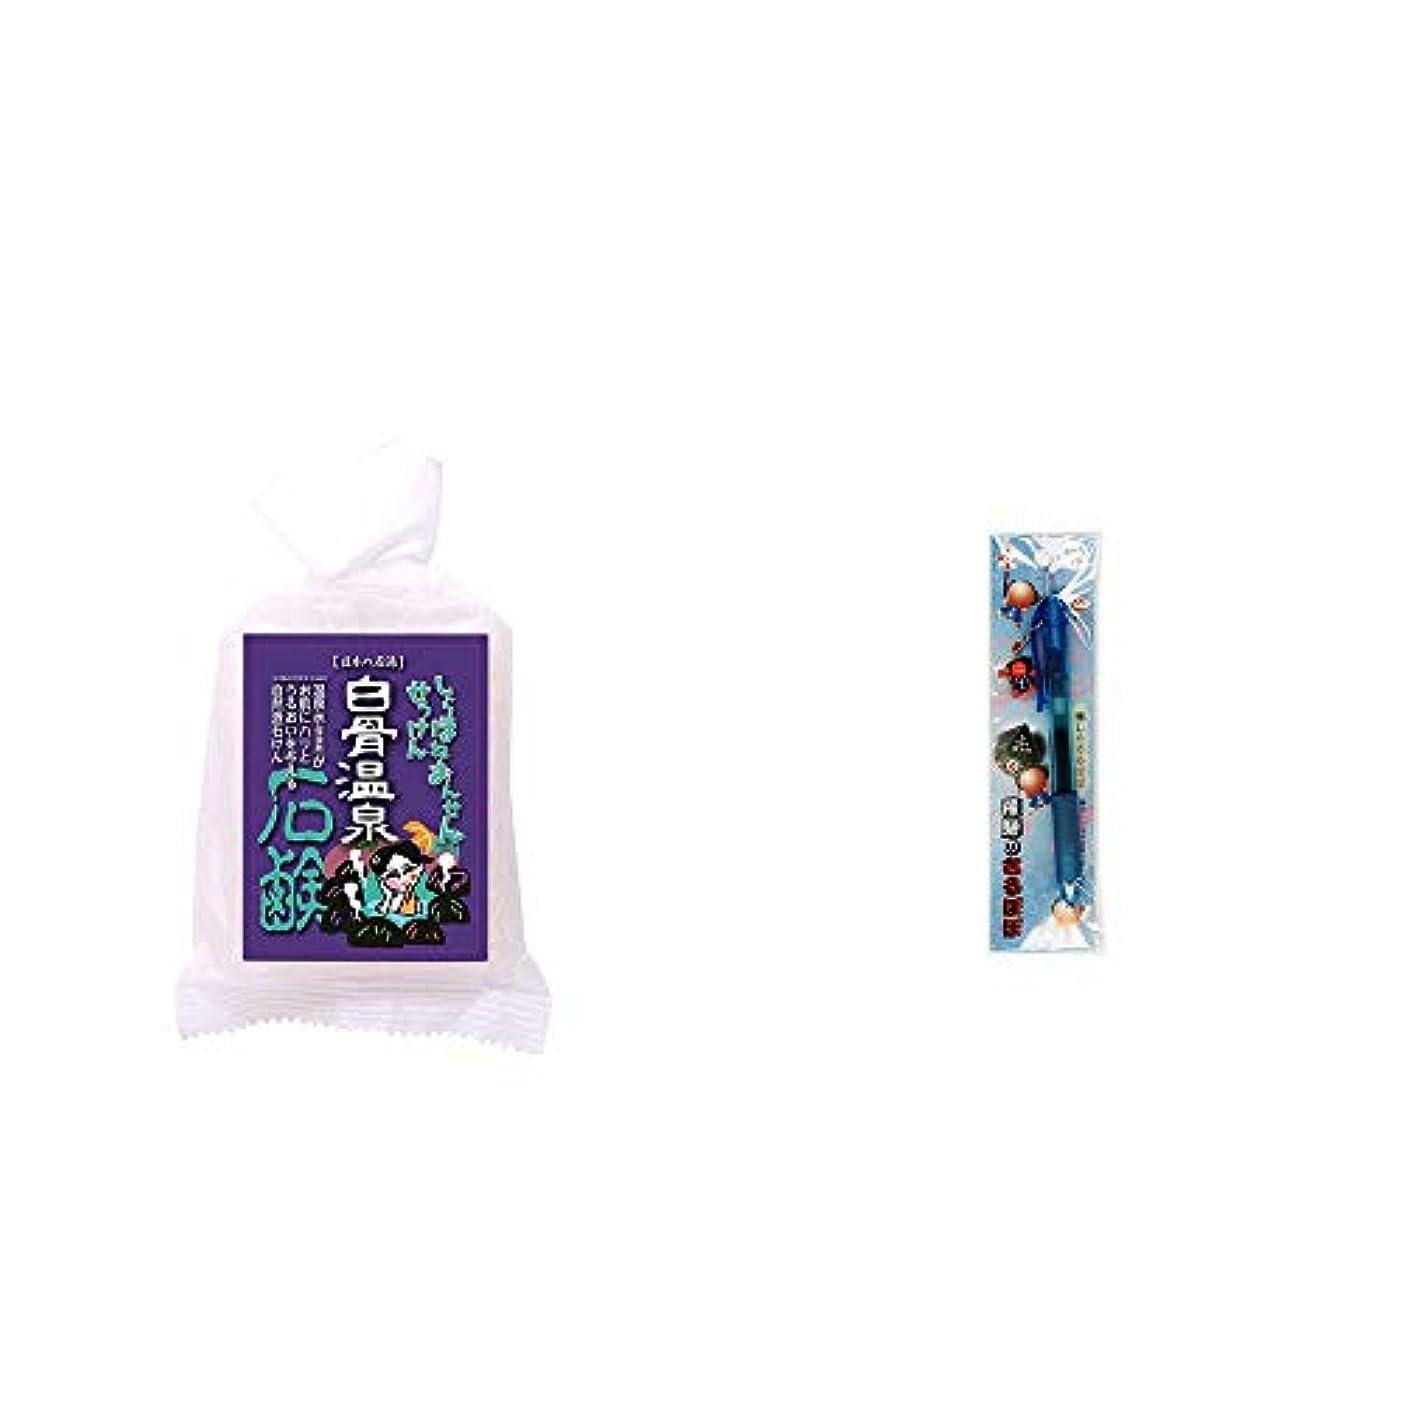 ドア優先音楽家[2点セット] 信州 白骨温泉石鹸(80g)?さるぼぼ 癒しボールペン 【ブルー】